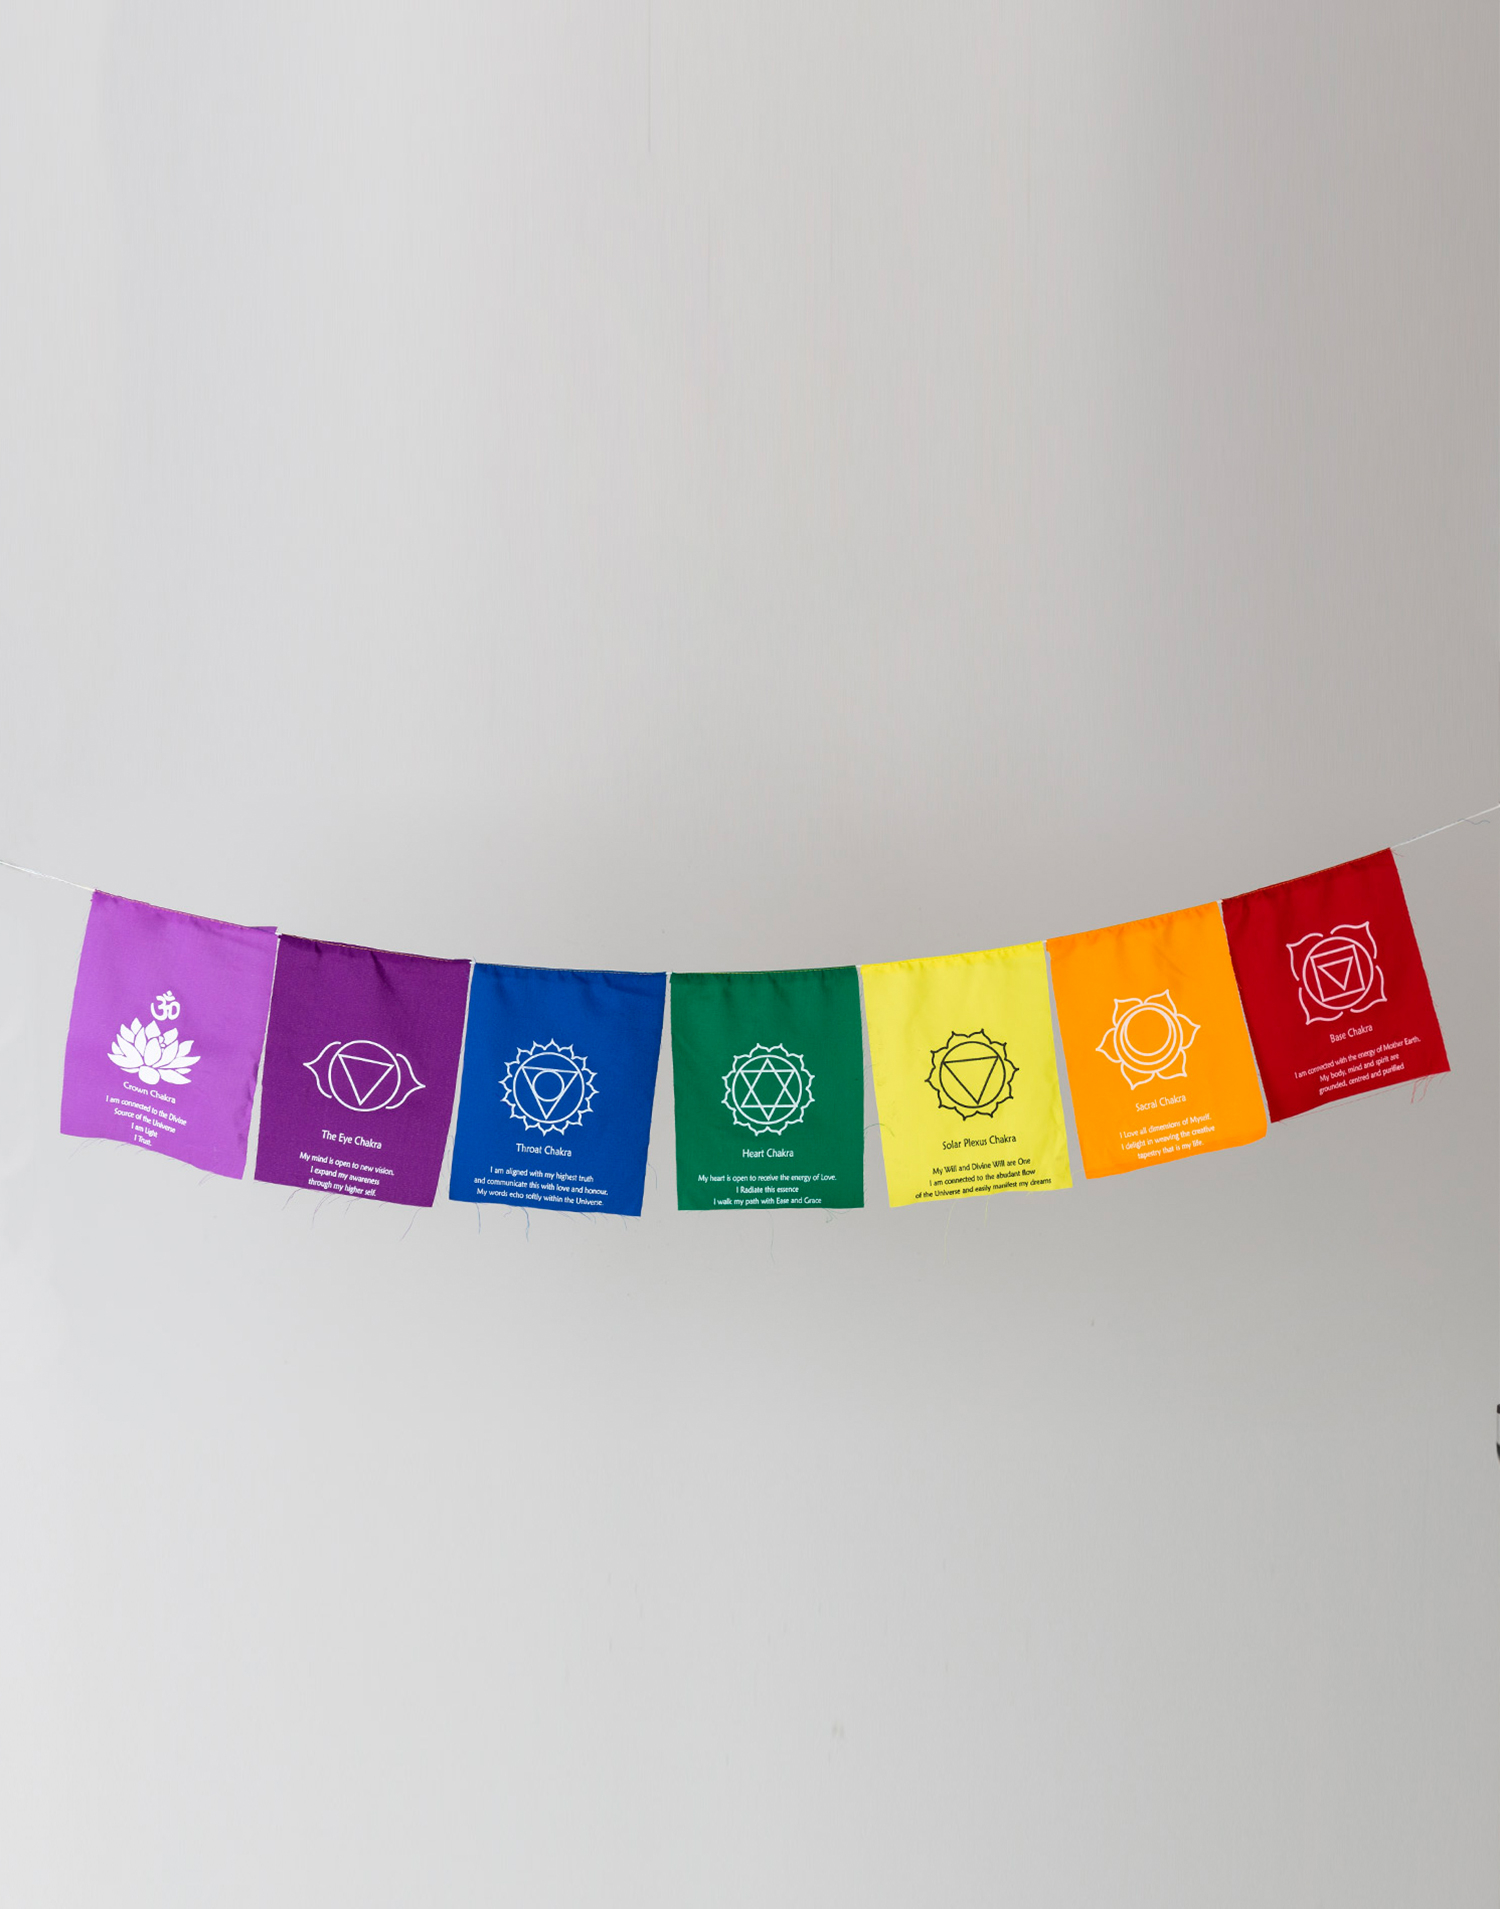 Bandera oración 7 chakras